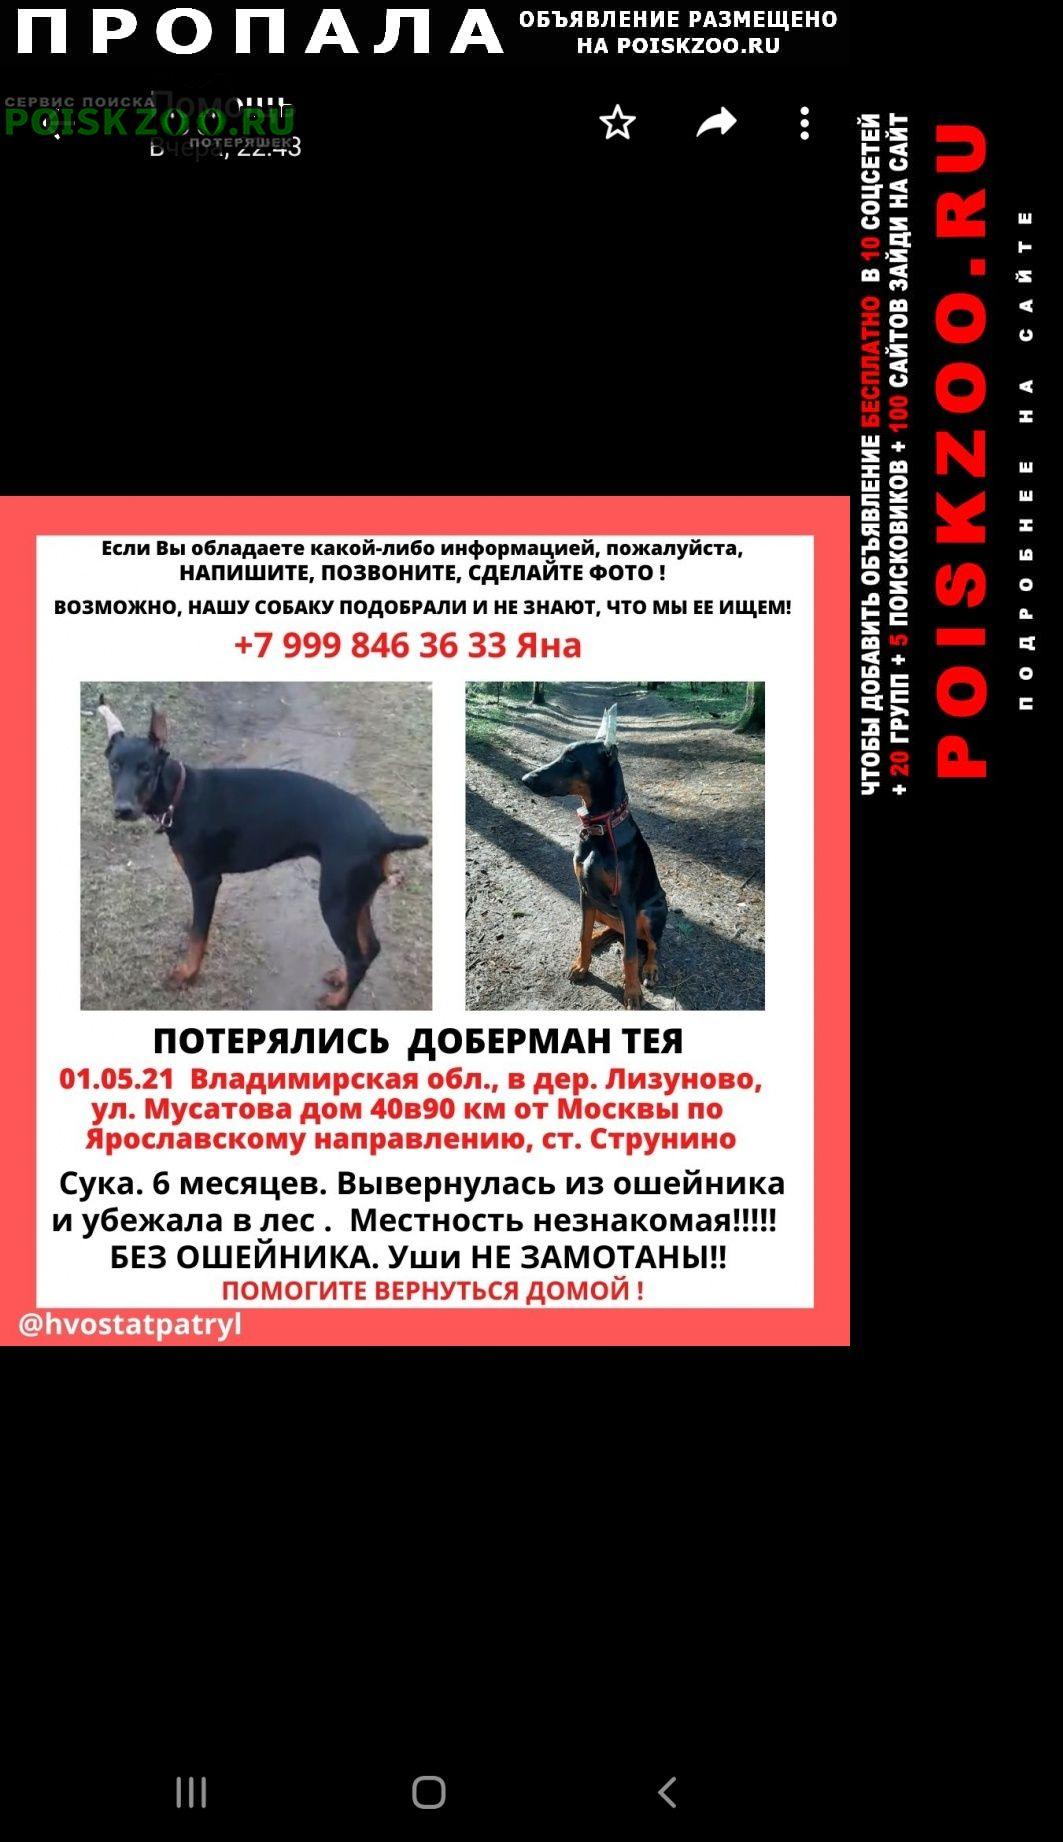 Пропала собака доберман тея Александров